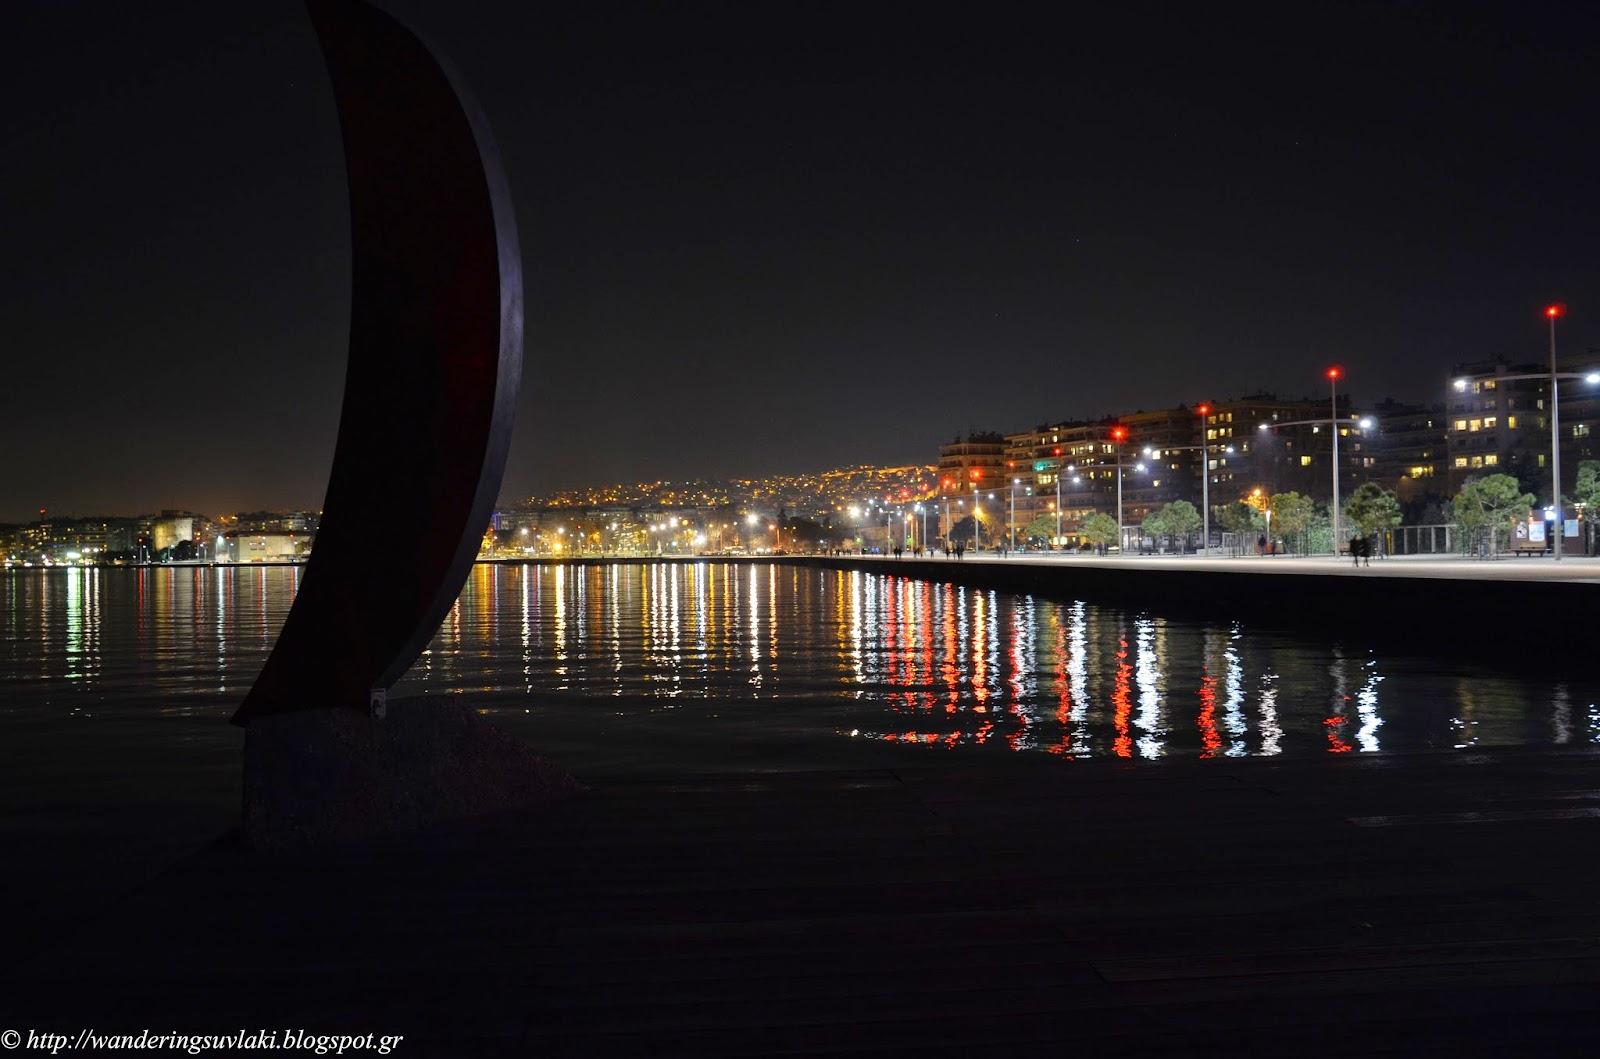 Νέα παραλία Θεσσαλονίκης τη νύχτα